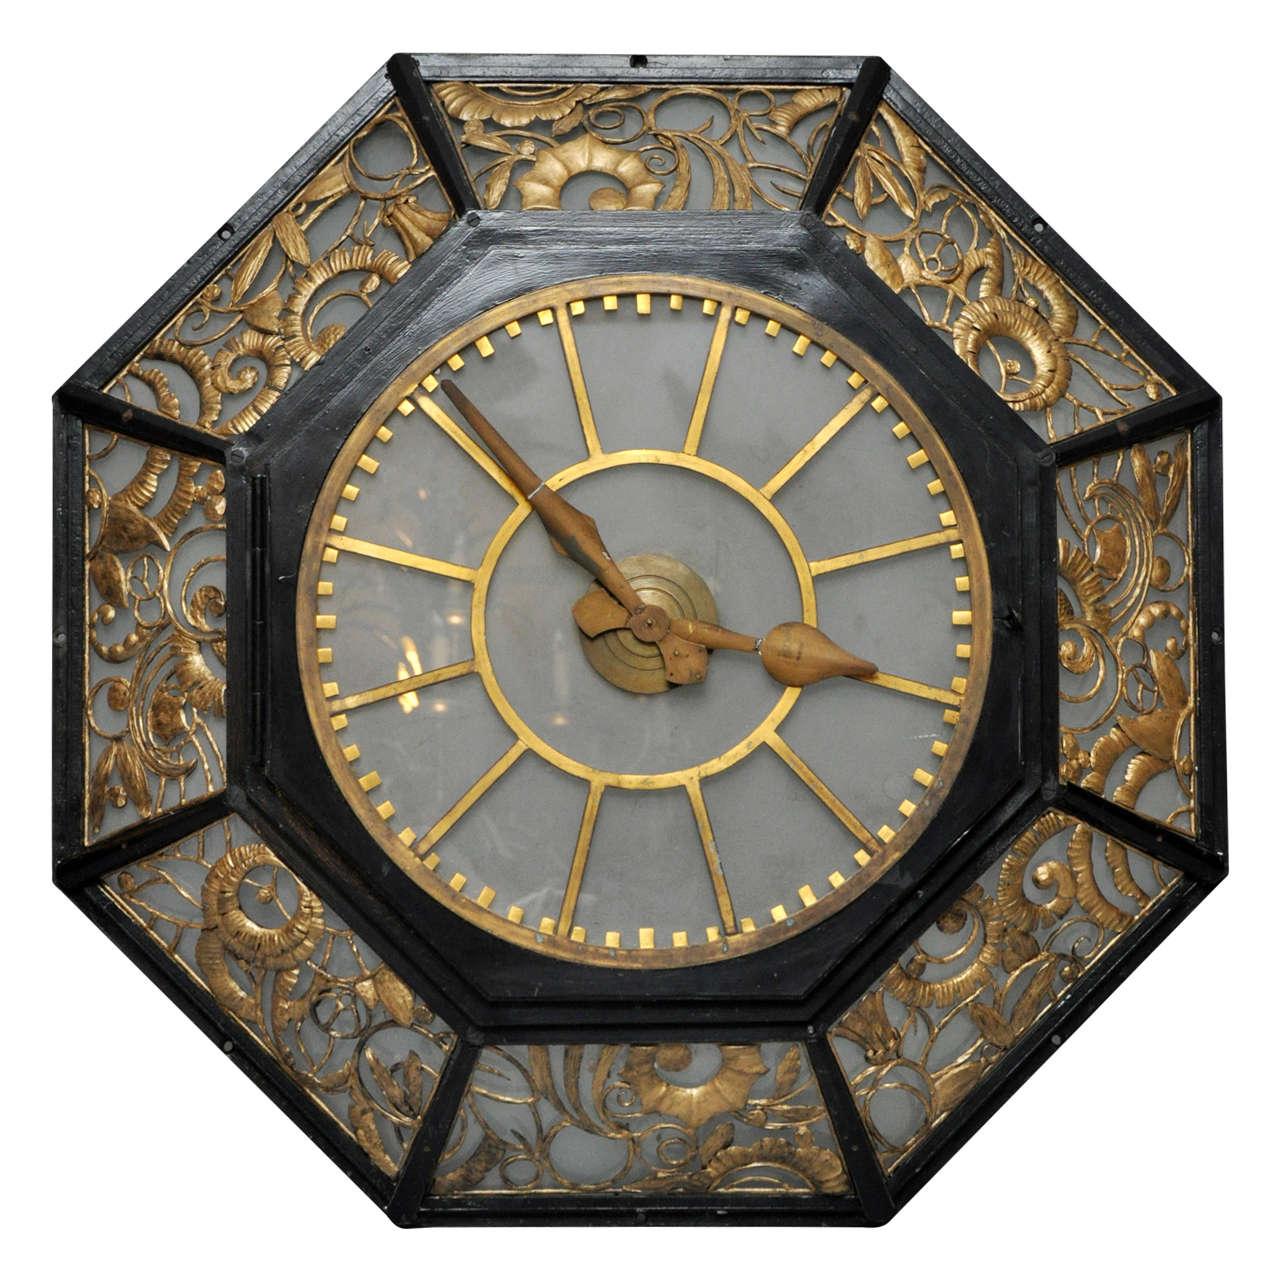 deco wall clock at 1stdibs